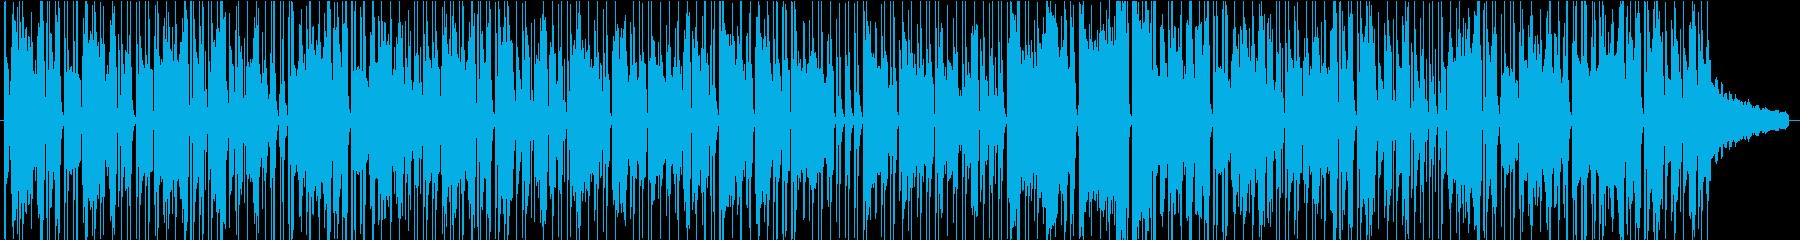 アニメ コミカル ほのぼの 48kHzの再生済みの波形